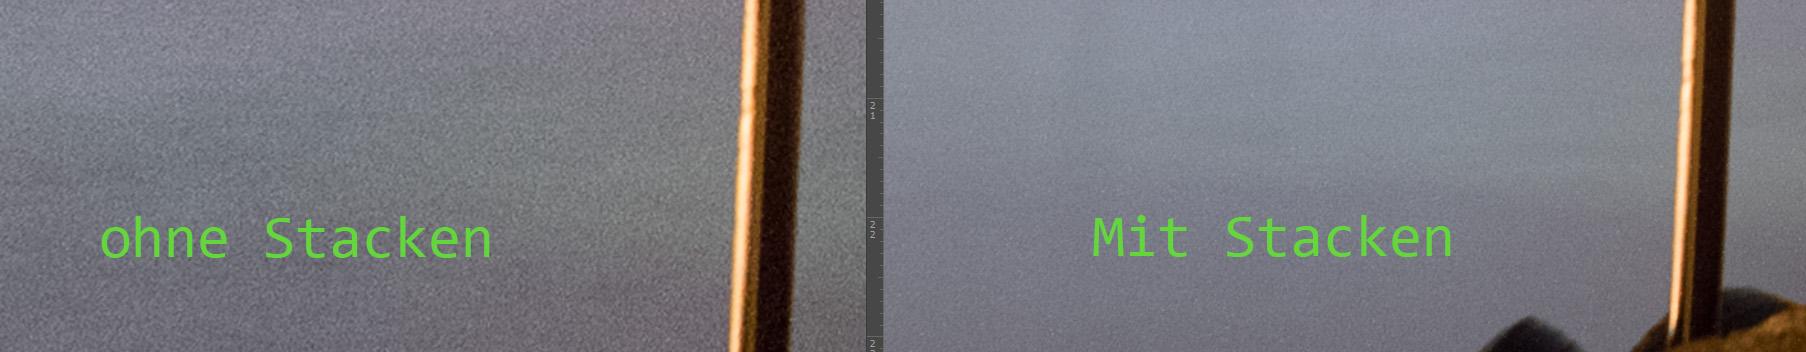 Stacken in Photoshop um das Rauschen zu reduzieren